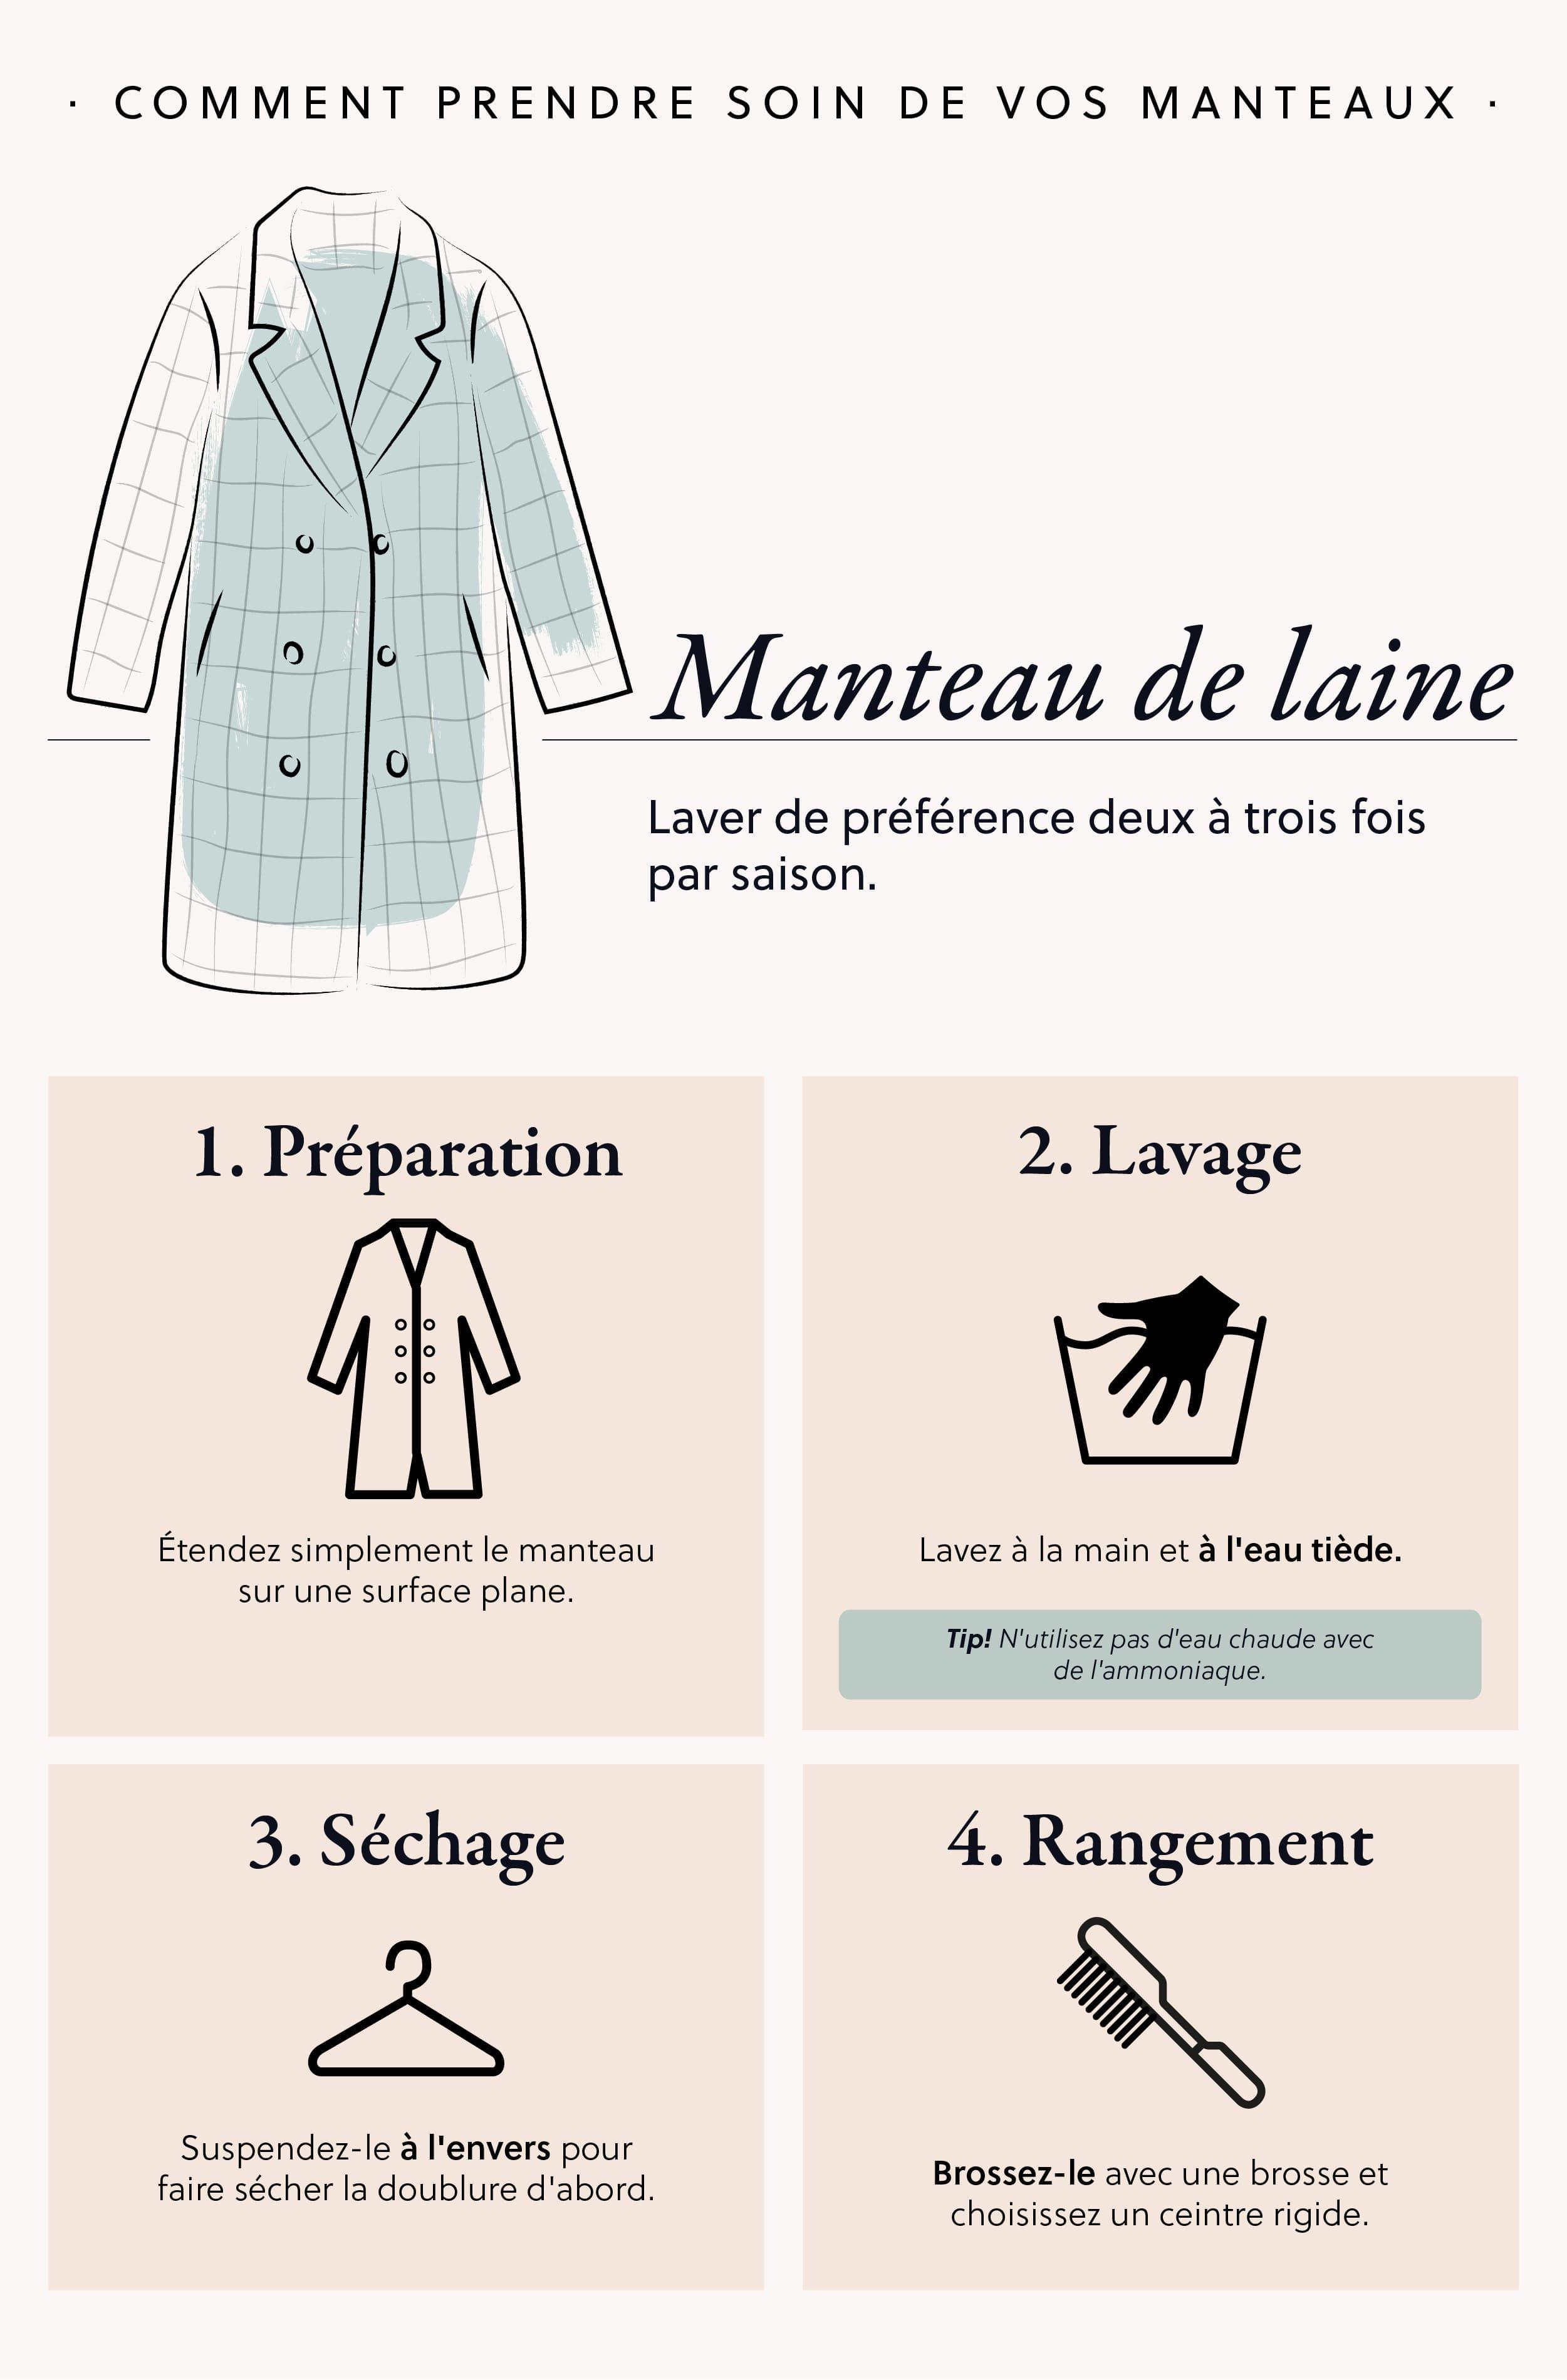 lavarge manteau de laine